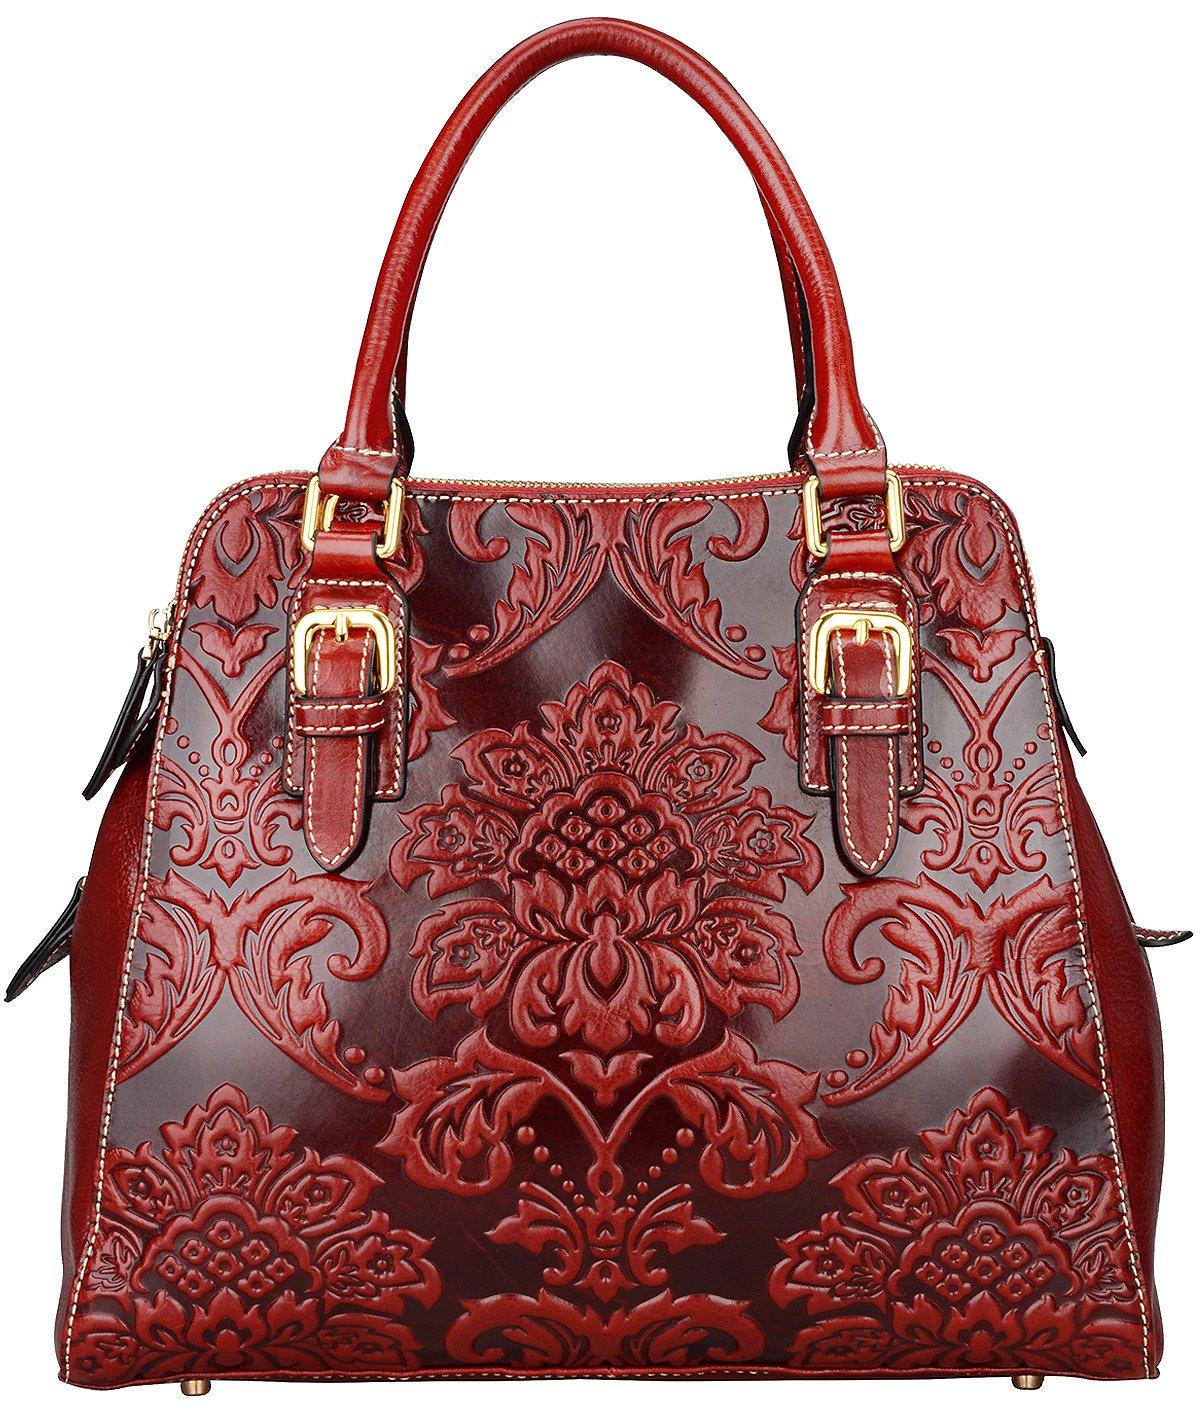 Pijushi Floral Handbag Designer Leather Shoulder Top Handle Bag (One Size, 91754 Red)